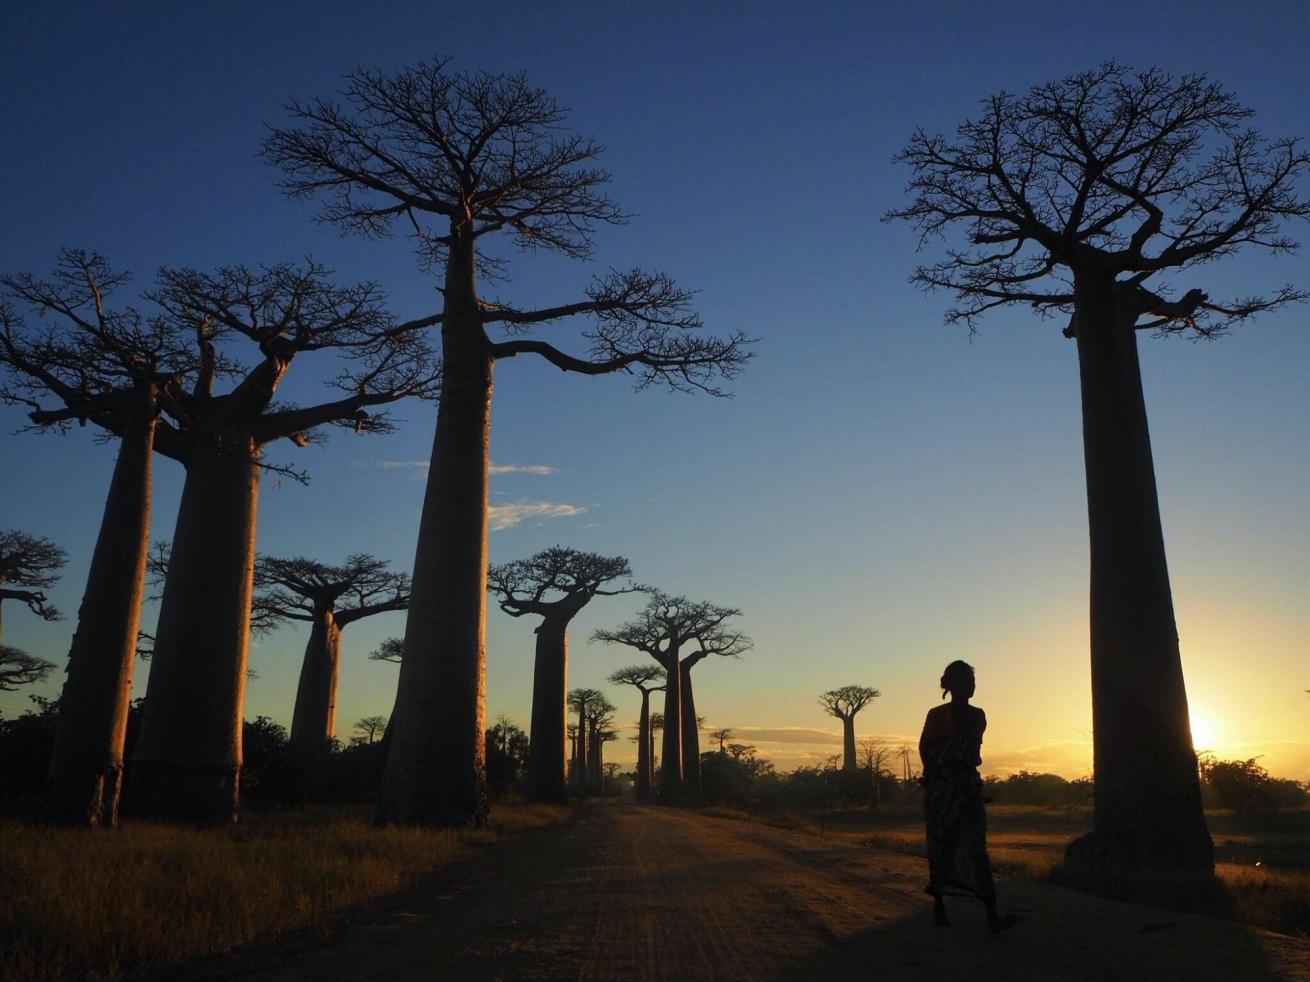 アフリカ大陸で出会ったバオバブの木が立ち並ぶ景色の写真